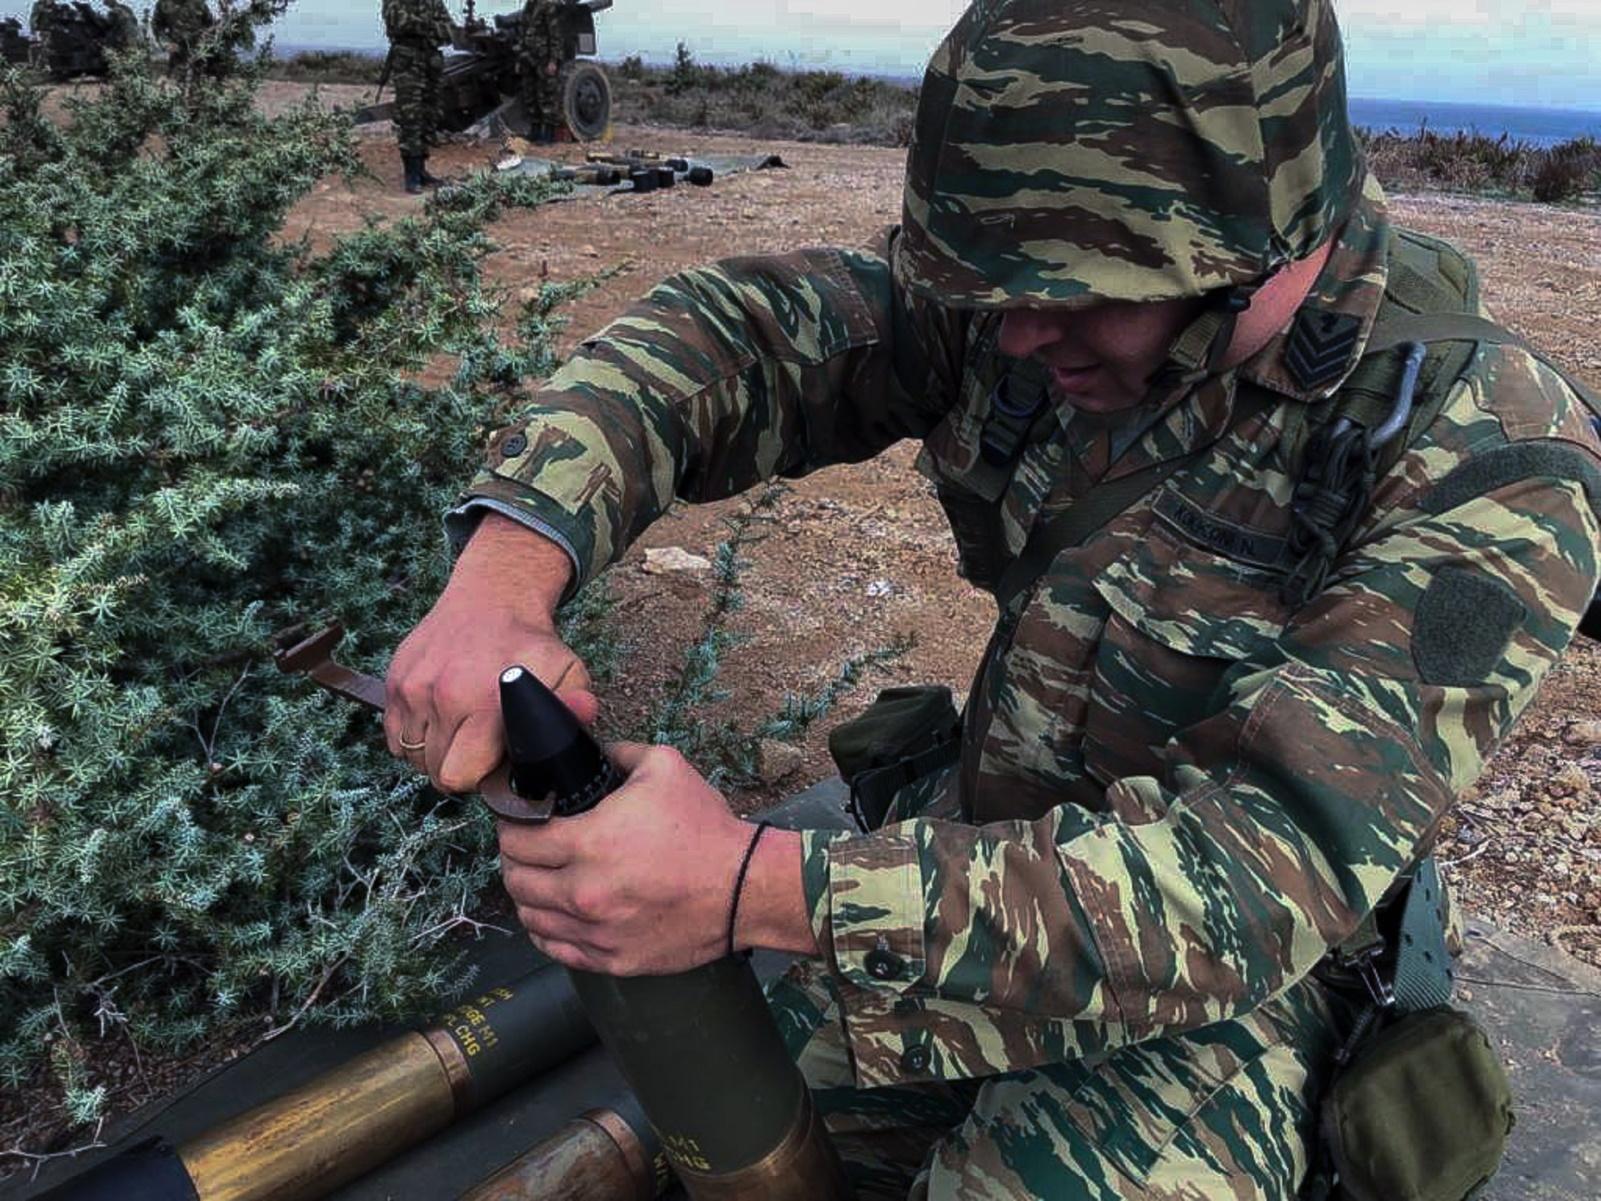 Προσλήψεις 1.000 ΕΠΟΠ στο Στρατό Ξηράς μέσω ΑΣΕΠ – Στο ΦΕΚ η προκήρυξη